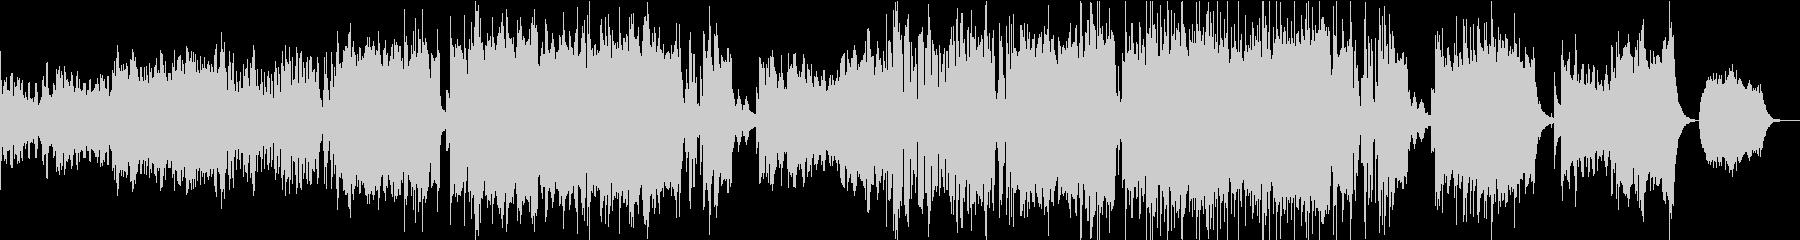 結婚式のムービーBGM(メモリー)の未再生の波形